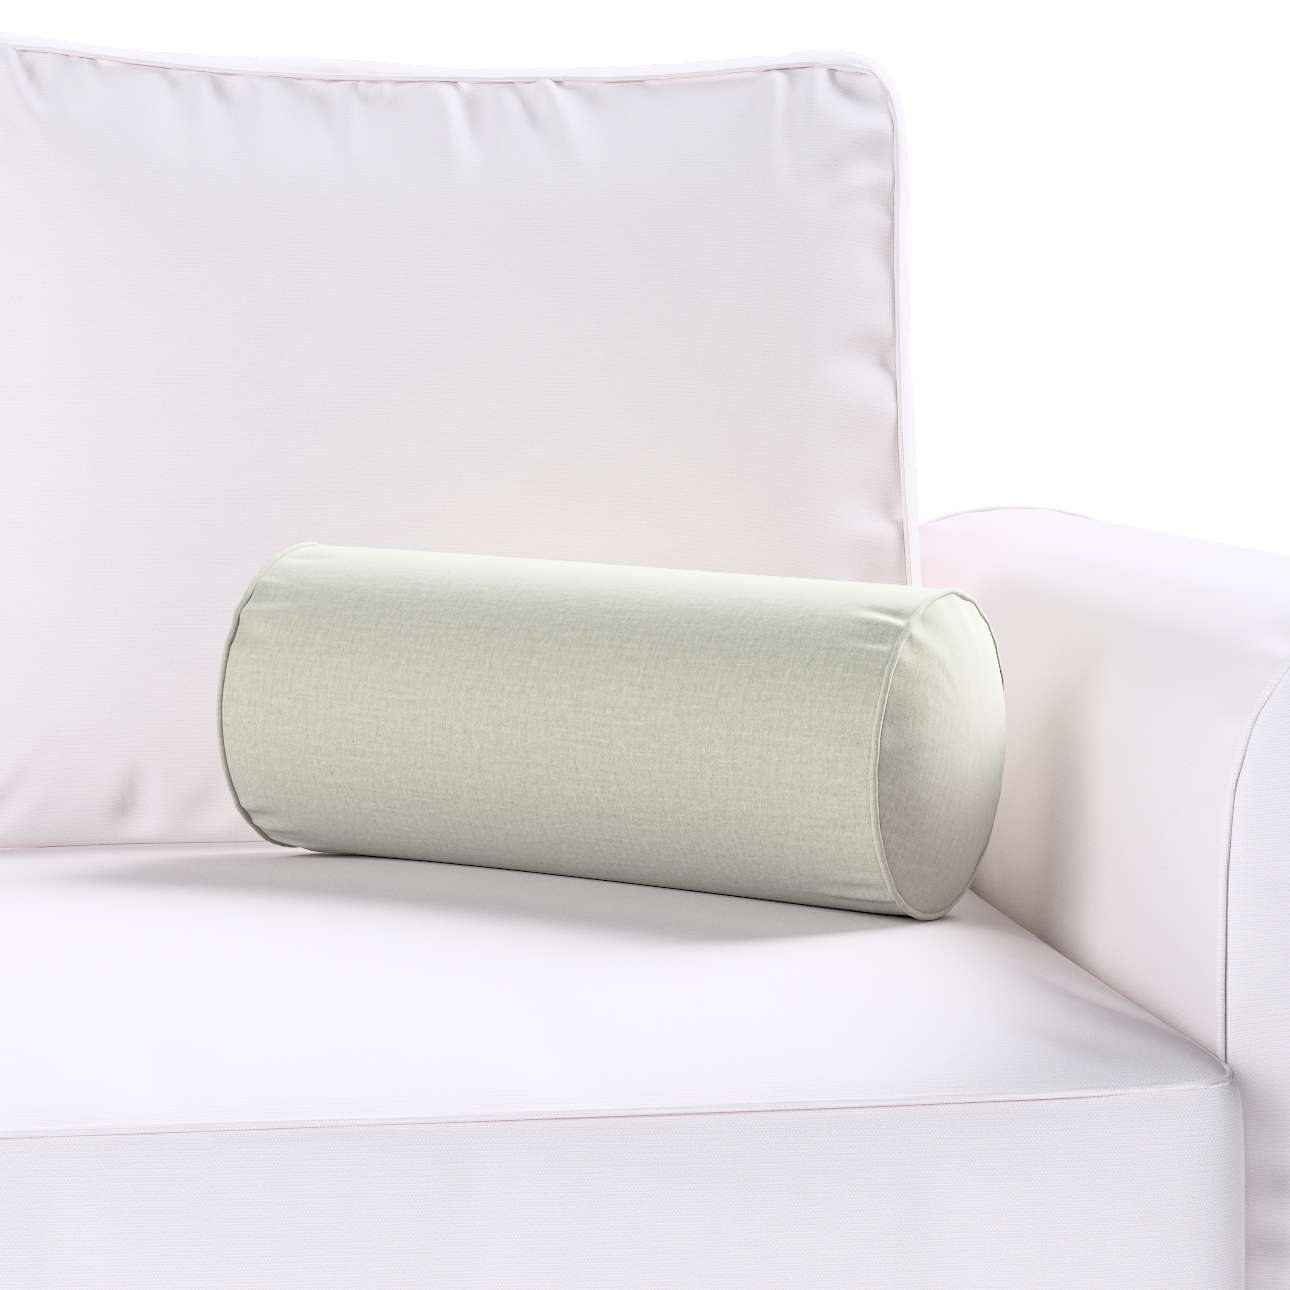 Poduszka wałek prosty w kolekcji Ingrid, tkanina: 705-41